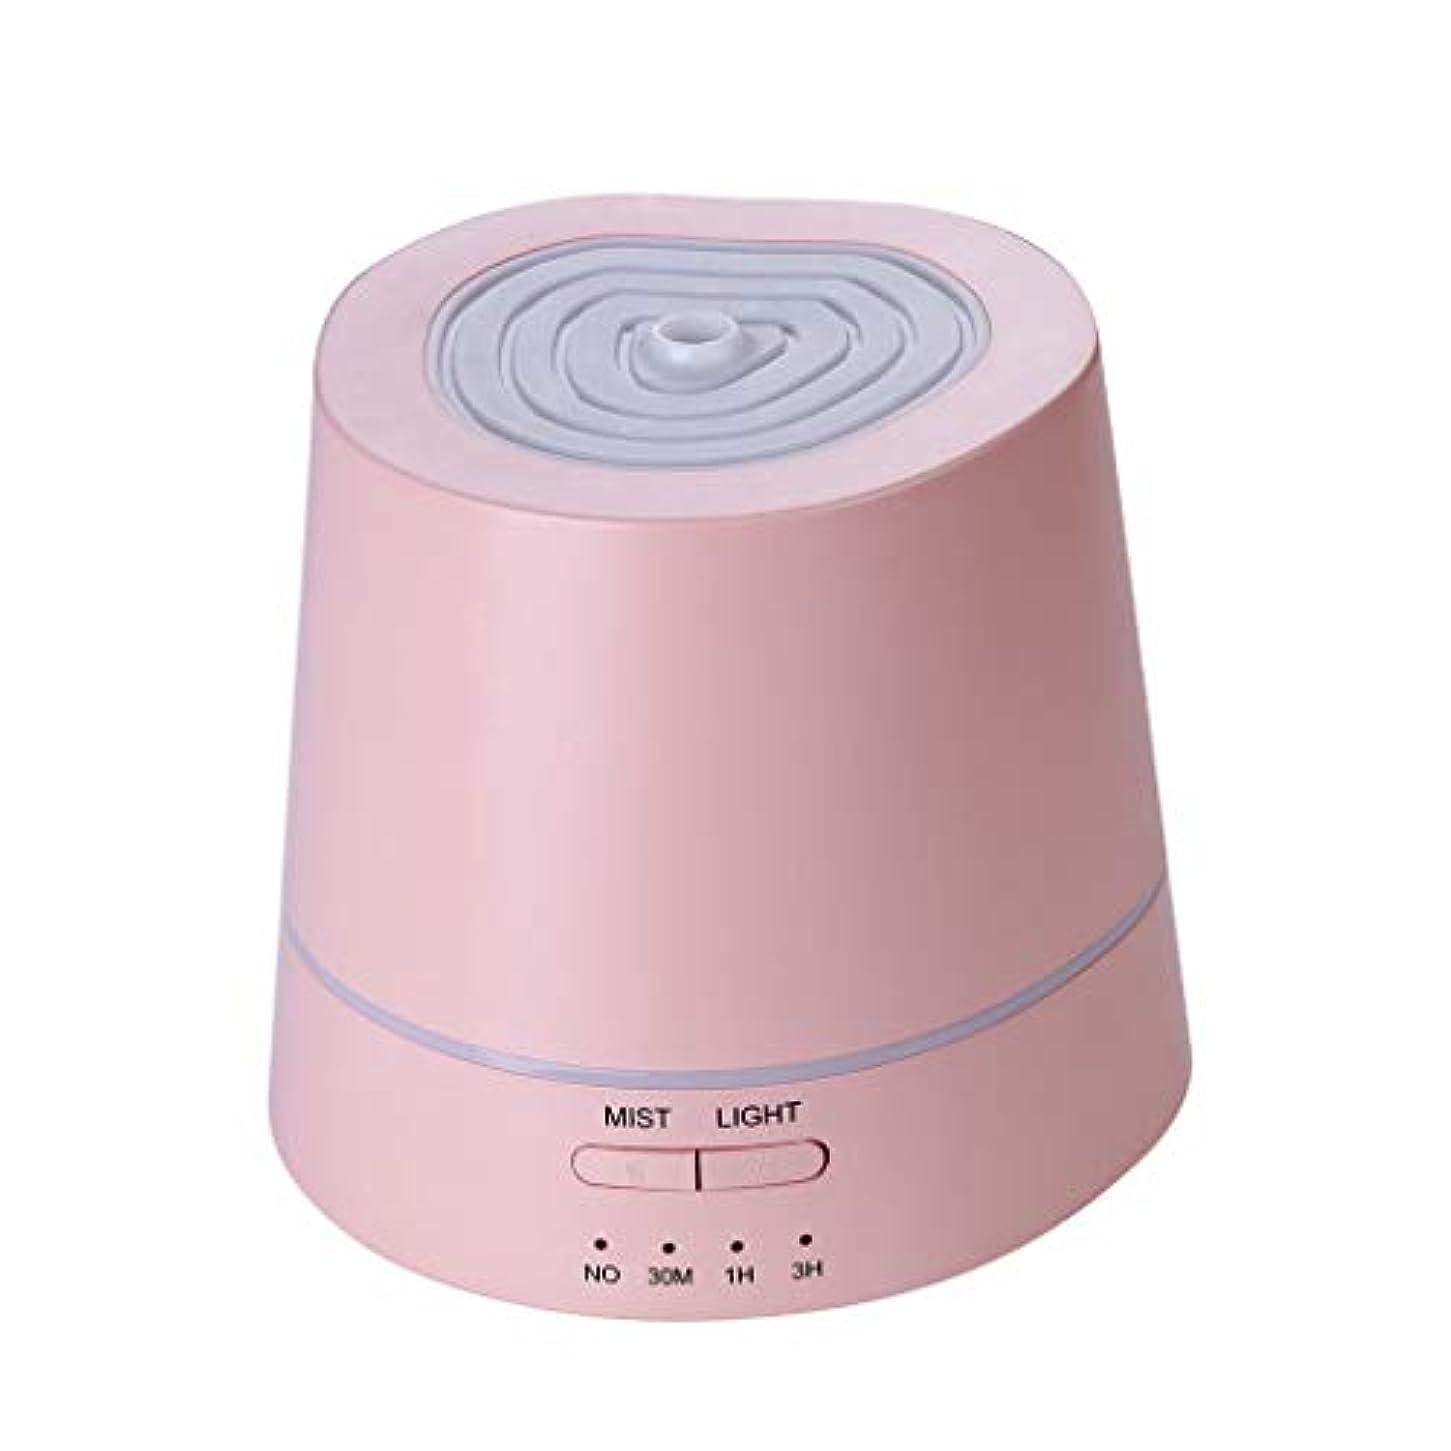 できる資本主義バタフライアロマテラピーマシン、アロマエッセンシャルオイルディフューザー超音波アロマテラピーマシン加湿器加湿器アトマイザー3タイマー設定&7色RGBグラデーションライト